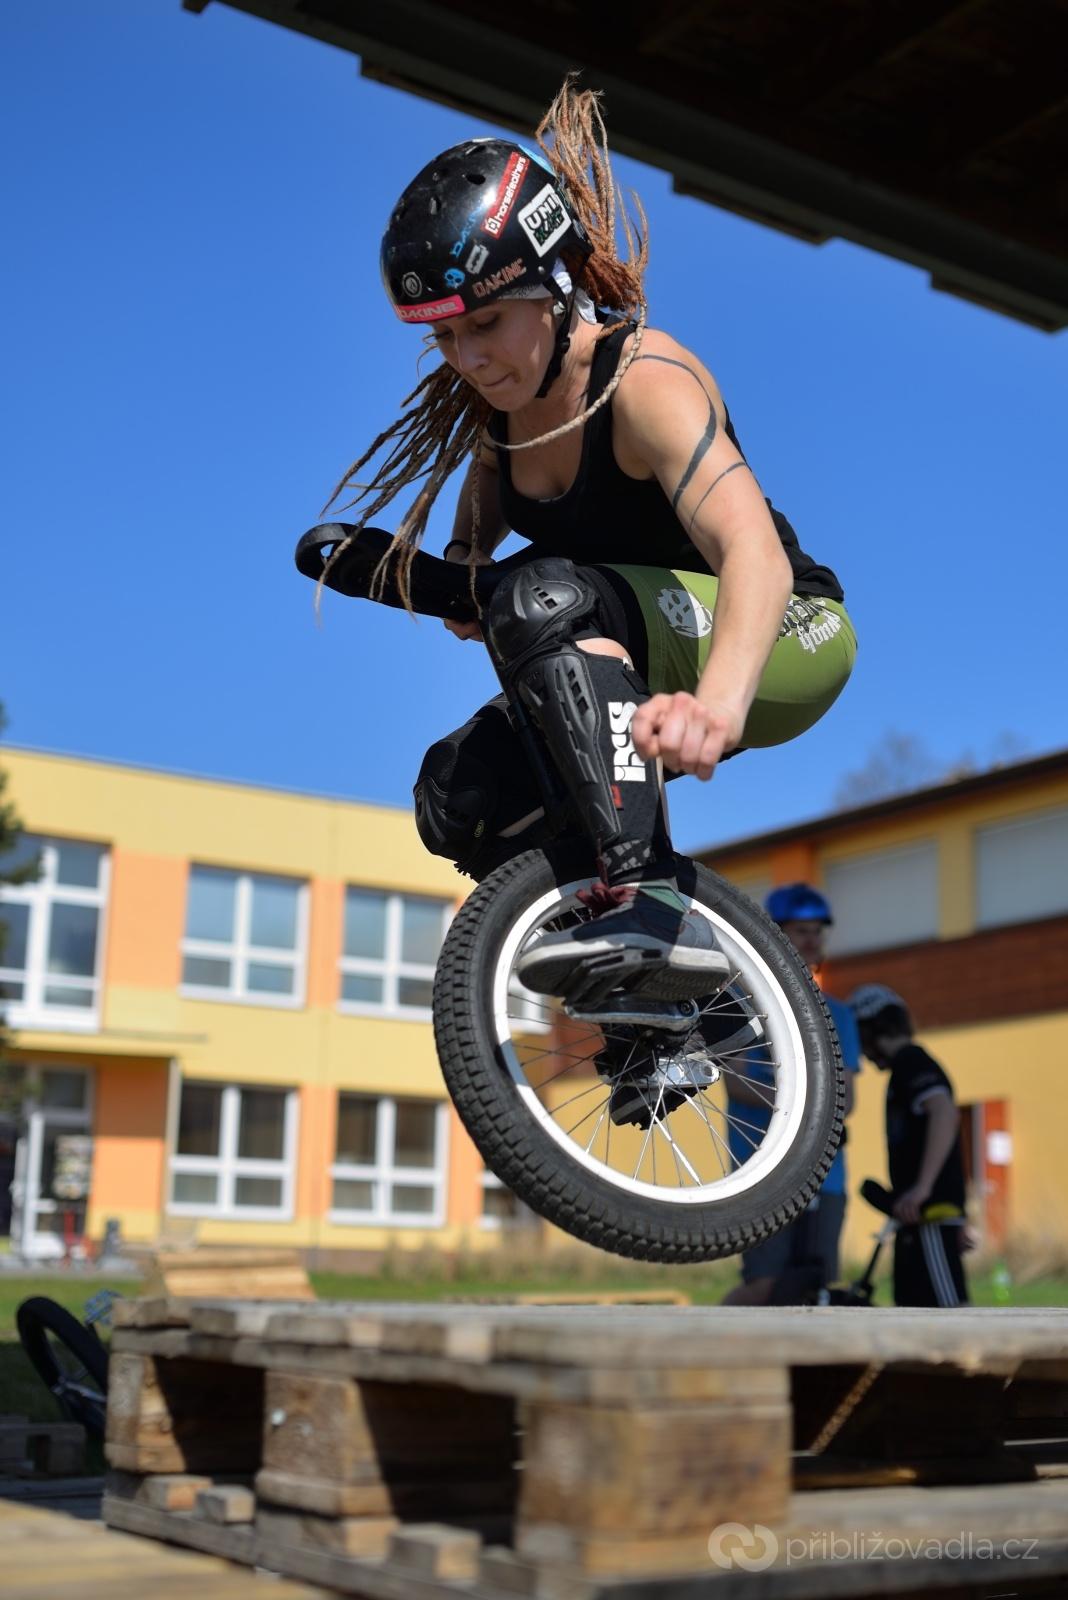 Fotíte-li akční sporty, je téměř nutností znát pravidla a vůbec konkrétní sport. Jen tak můžete alespoň částečně předvídat pohyb